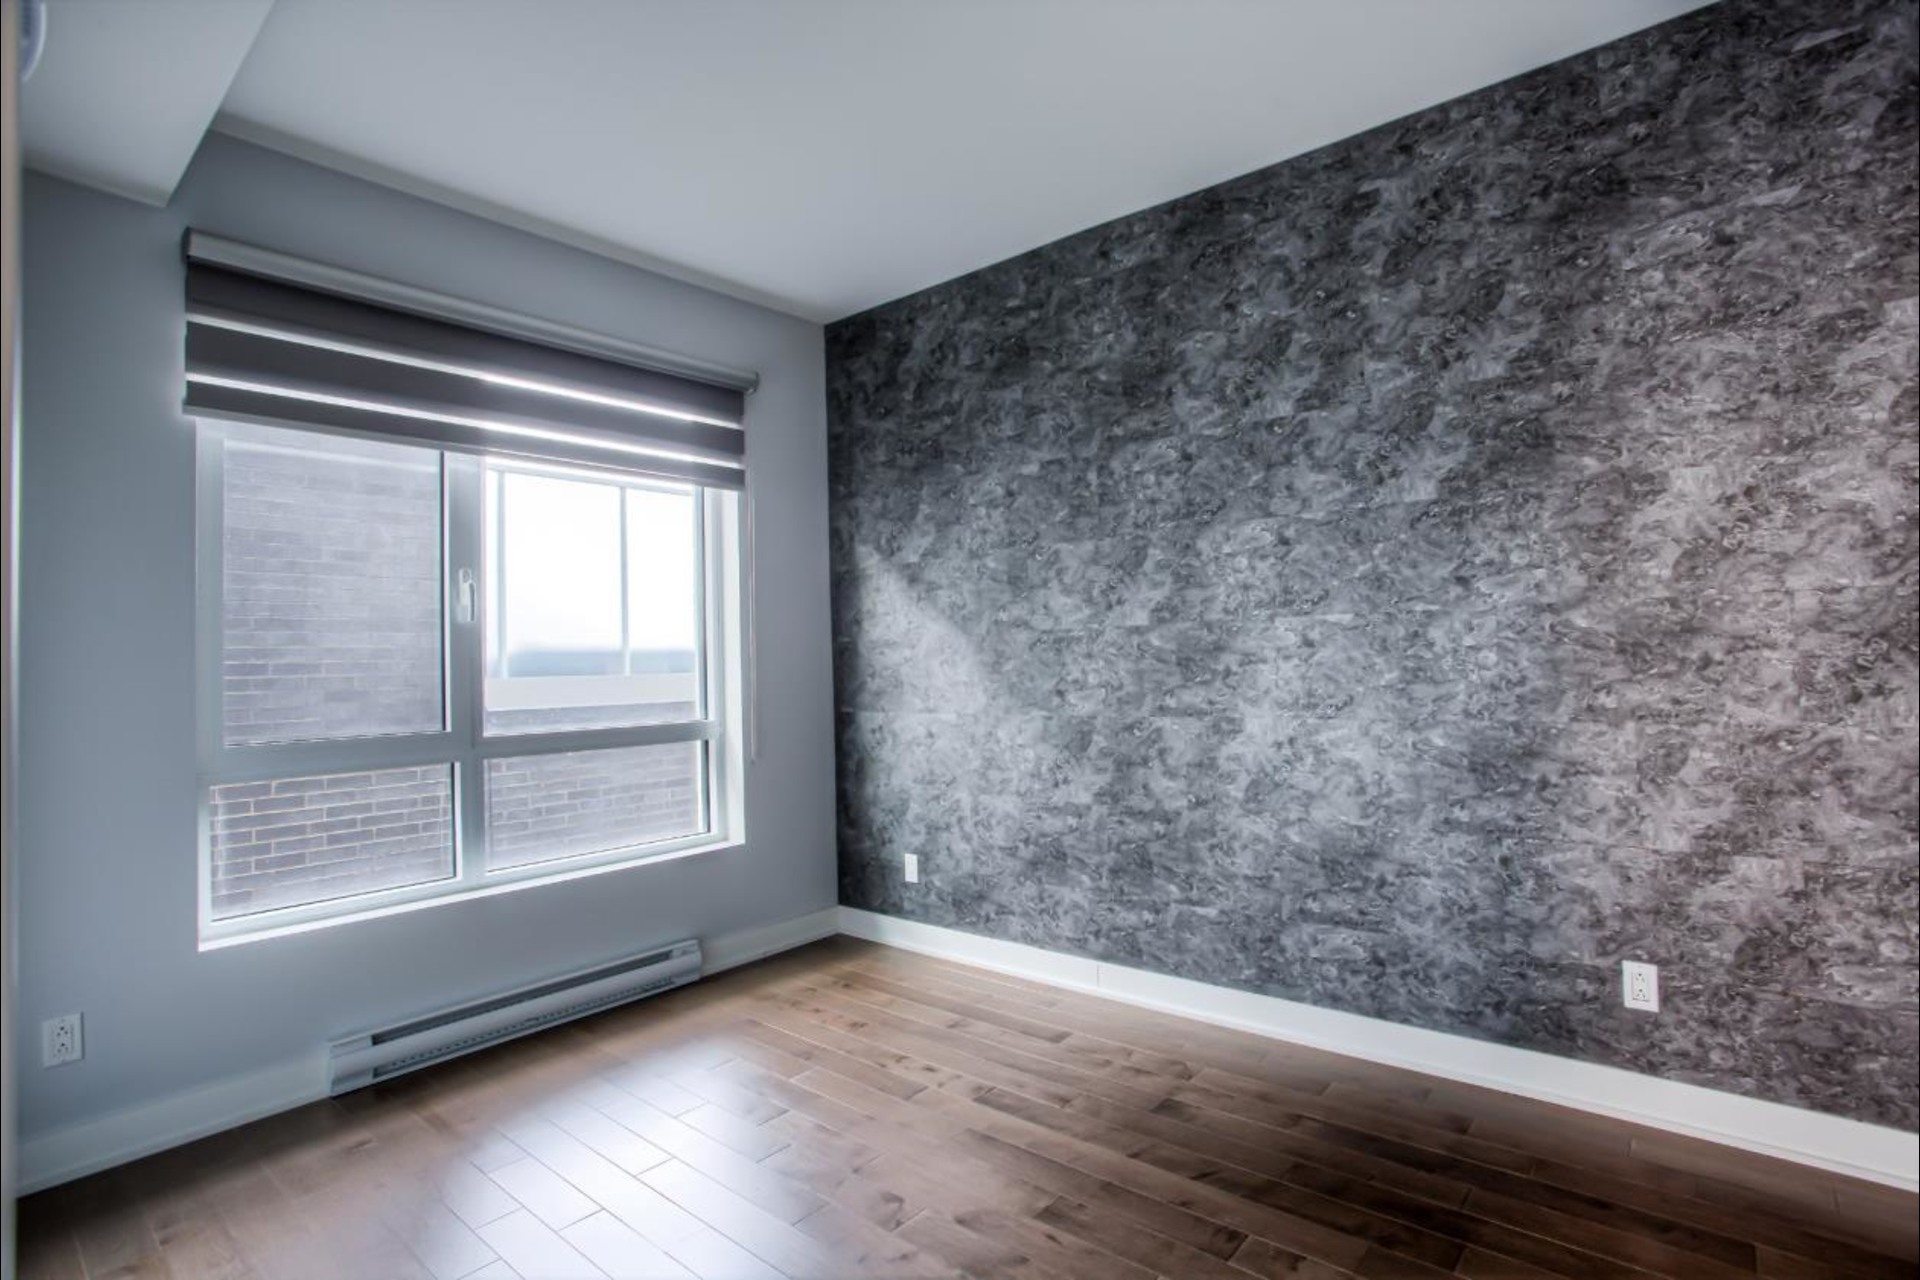 image 11 - Condo For rent Montréal - 6 rooms